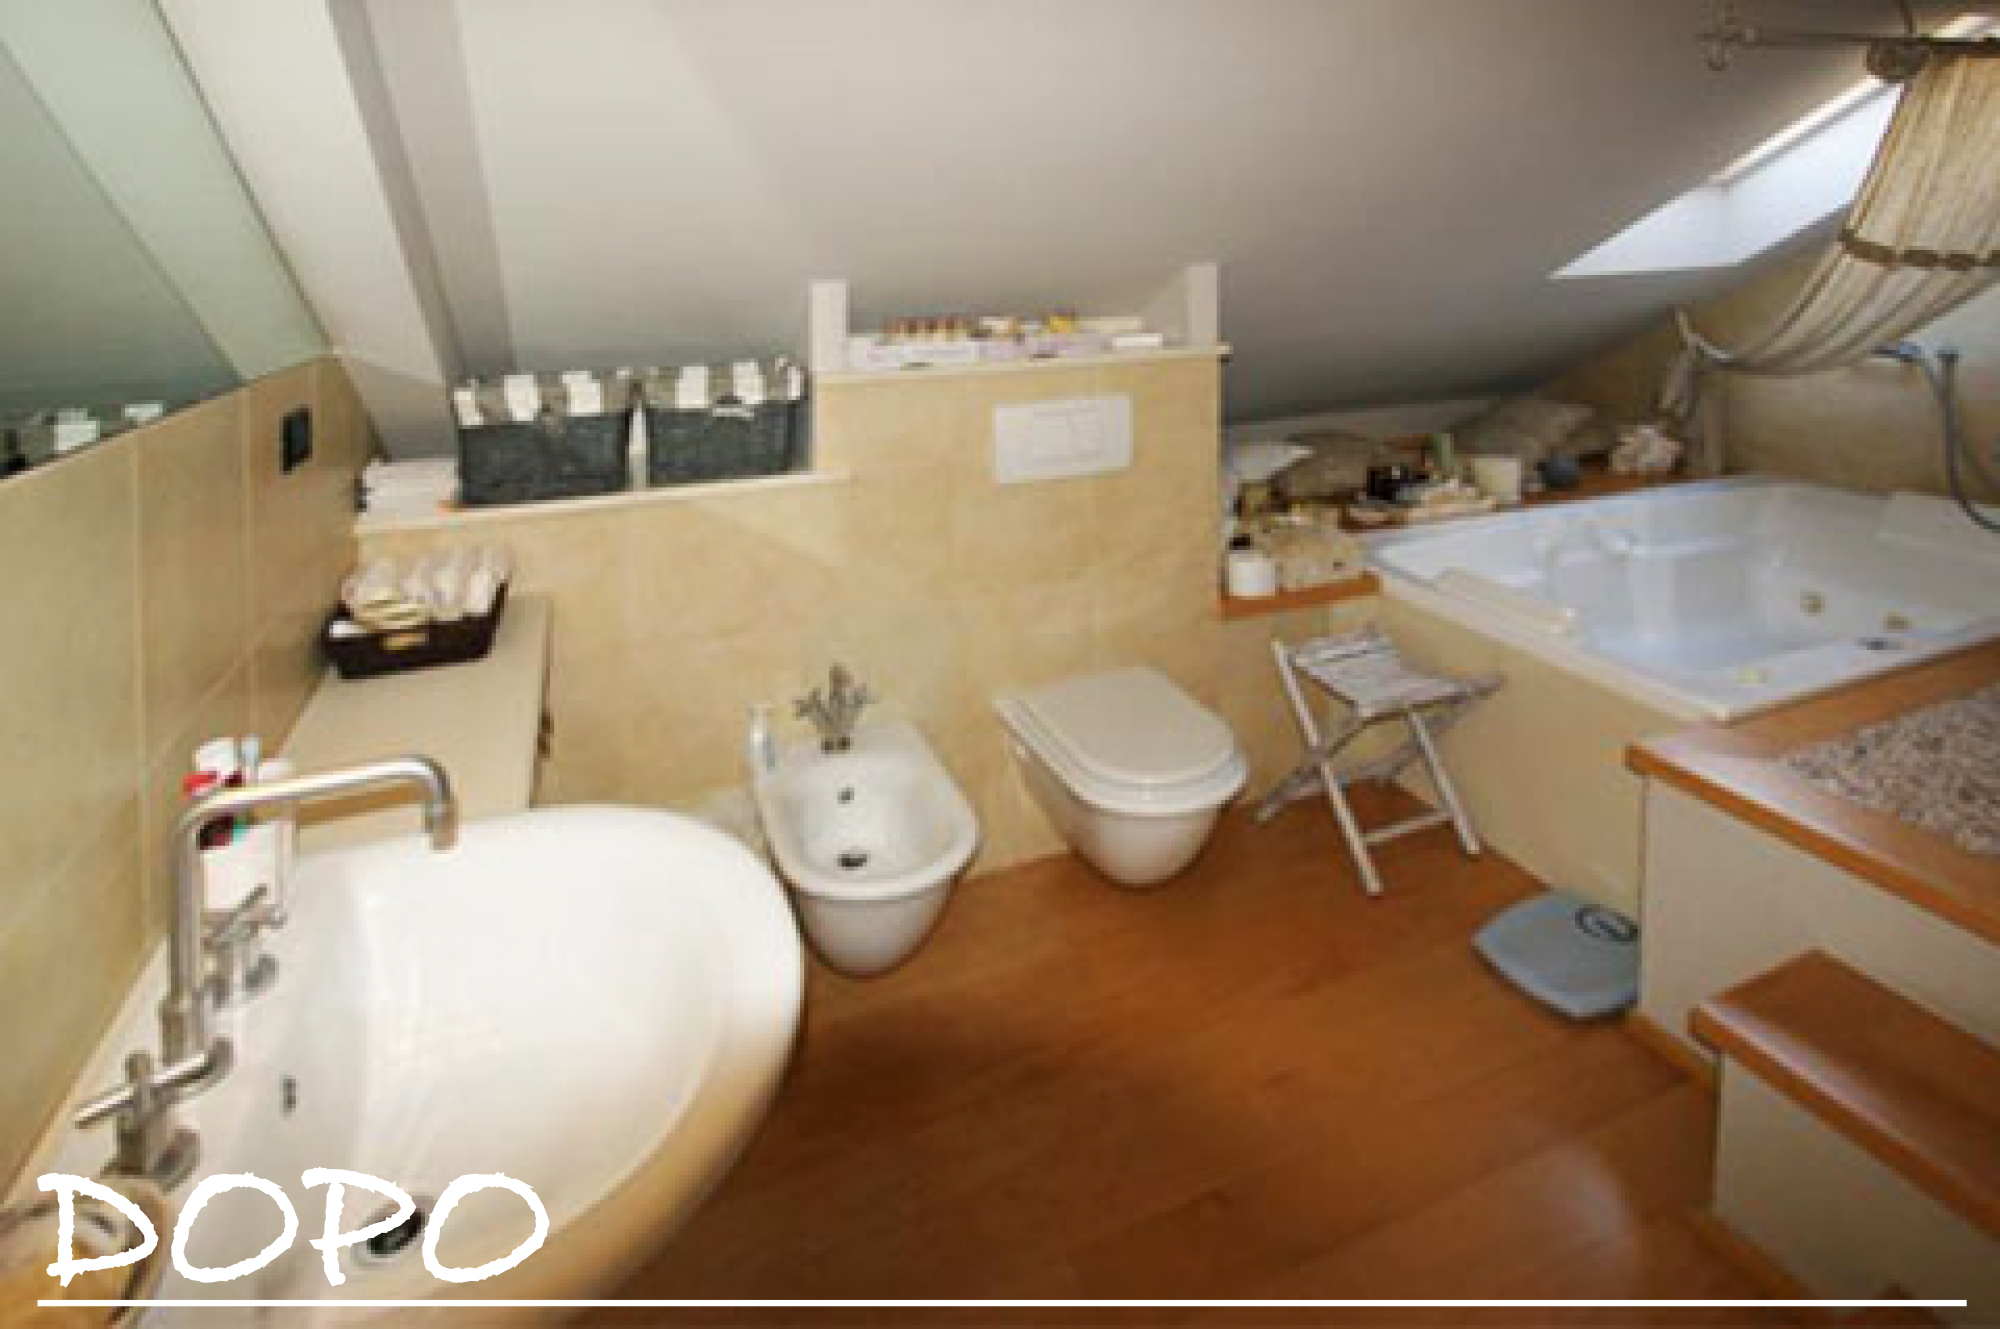 Plafoniere Moderne Bagno: Parete attrezzata in cartongesso palermo. Plafoniera moderna soffitto ...